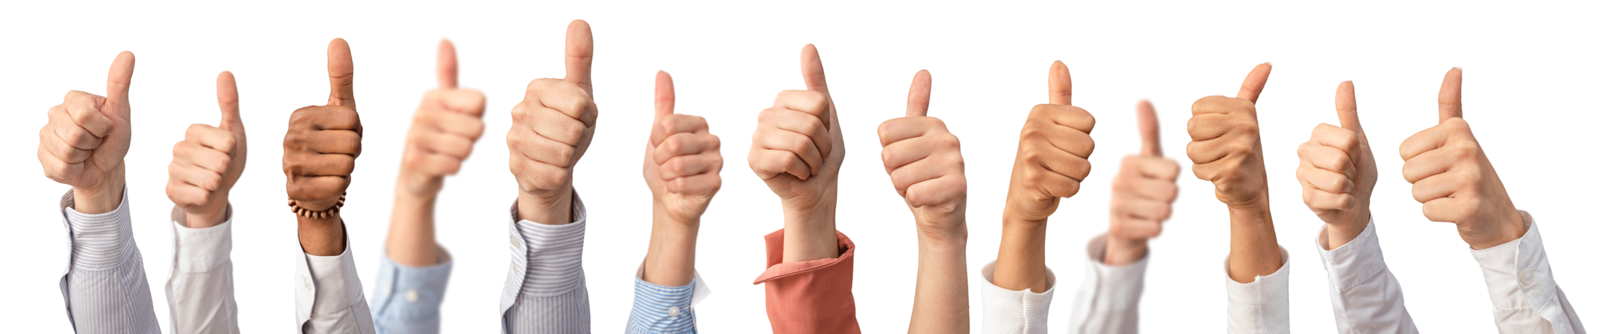 Symbolbild - Vorteile für Unternehmen